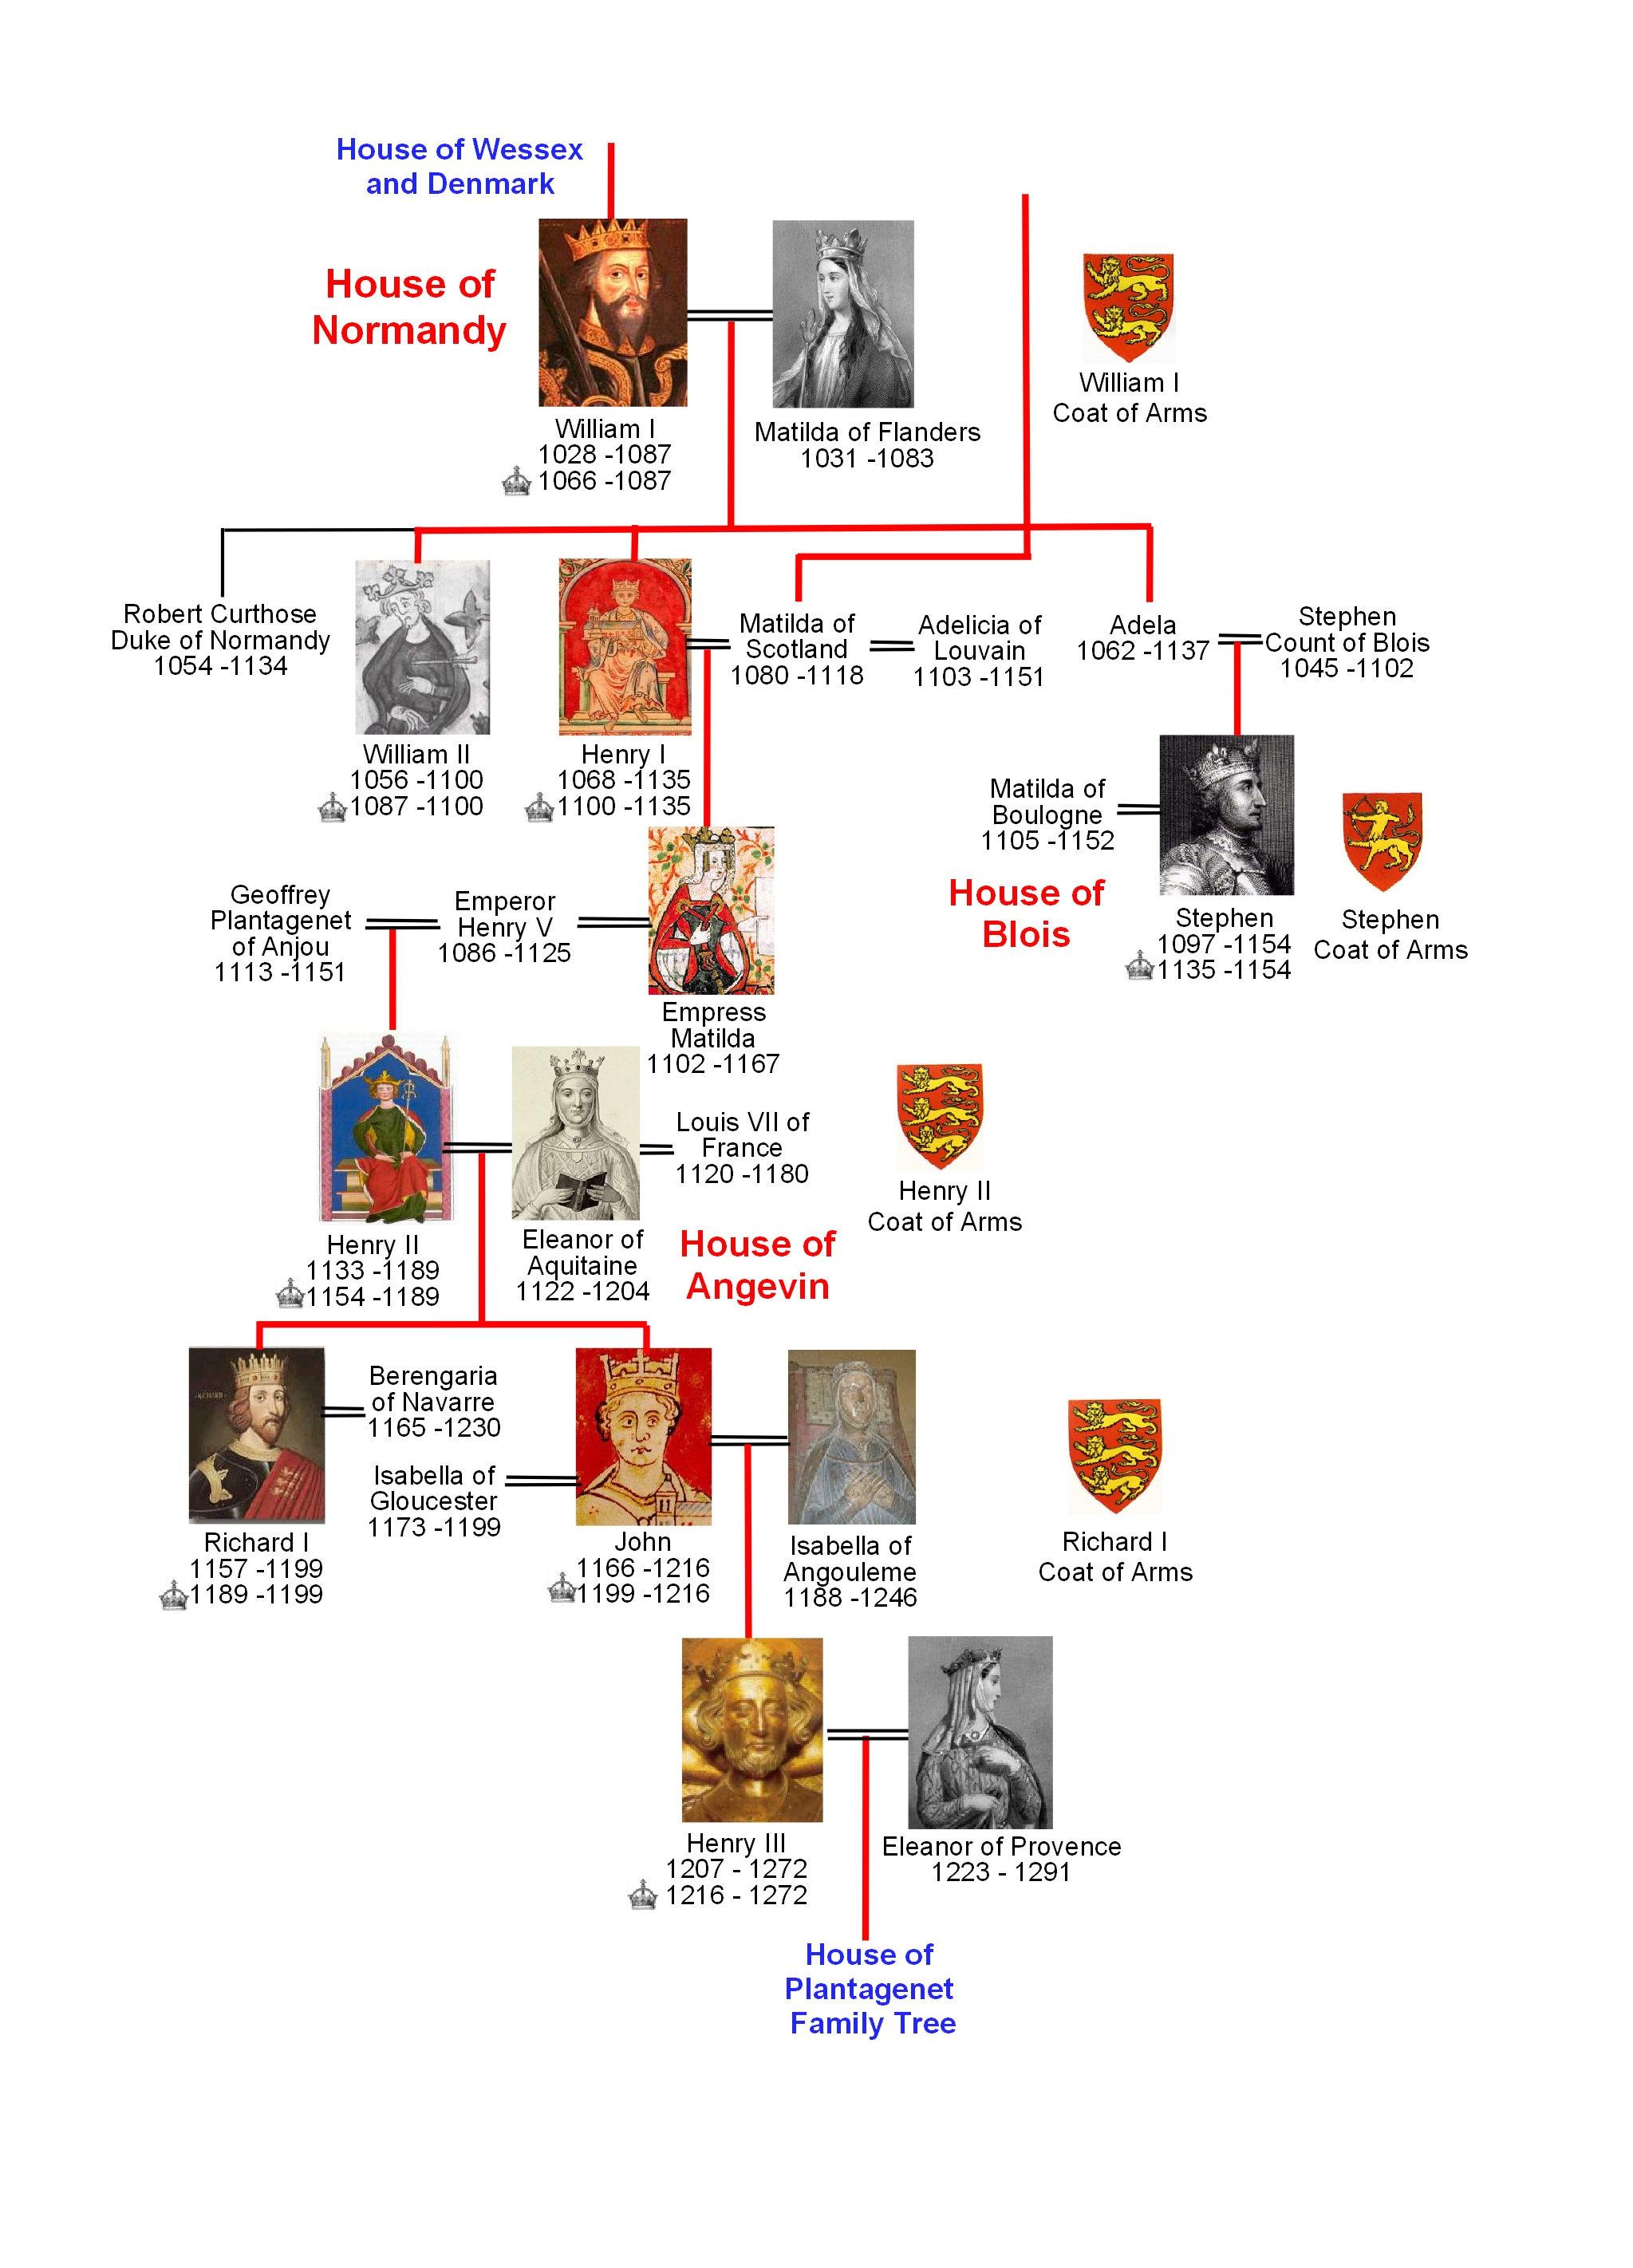 Magna Carta Angevin family tree